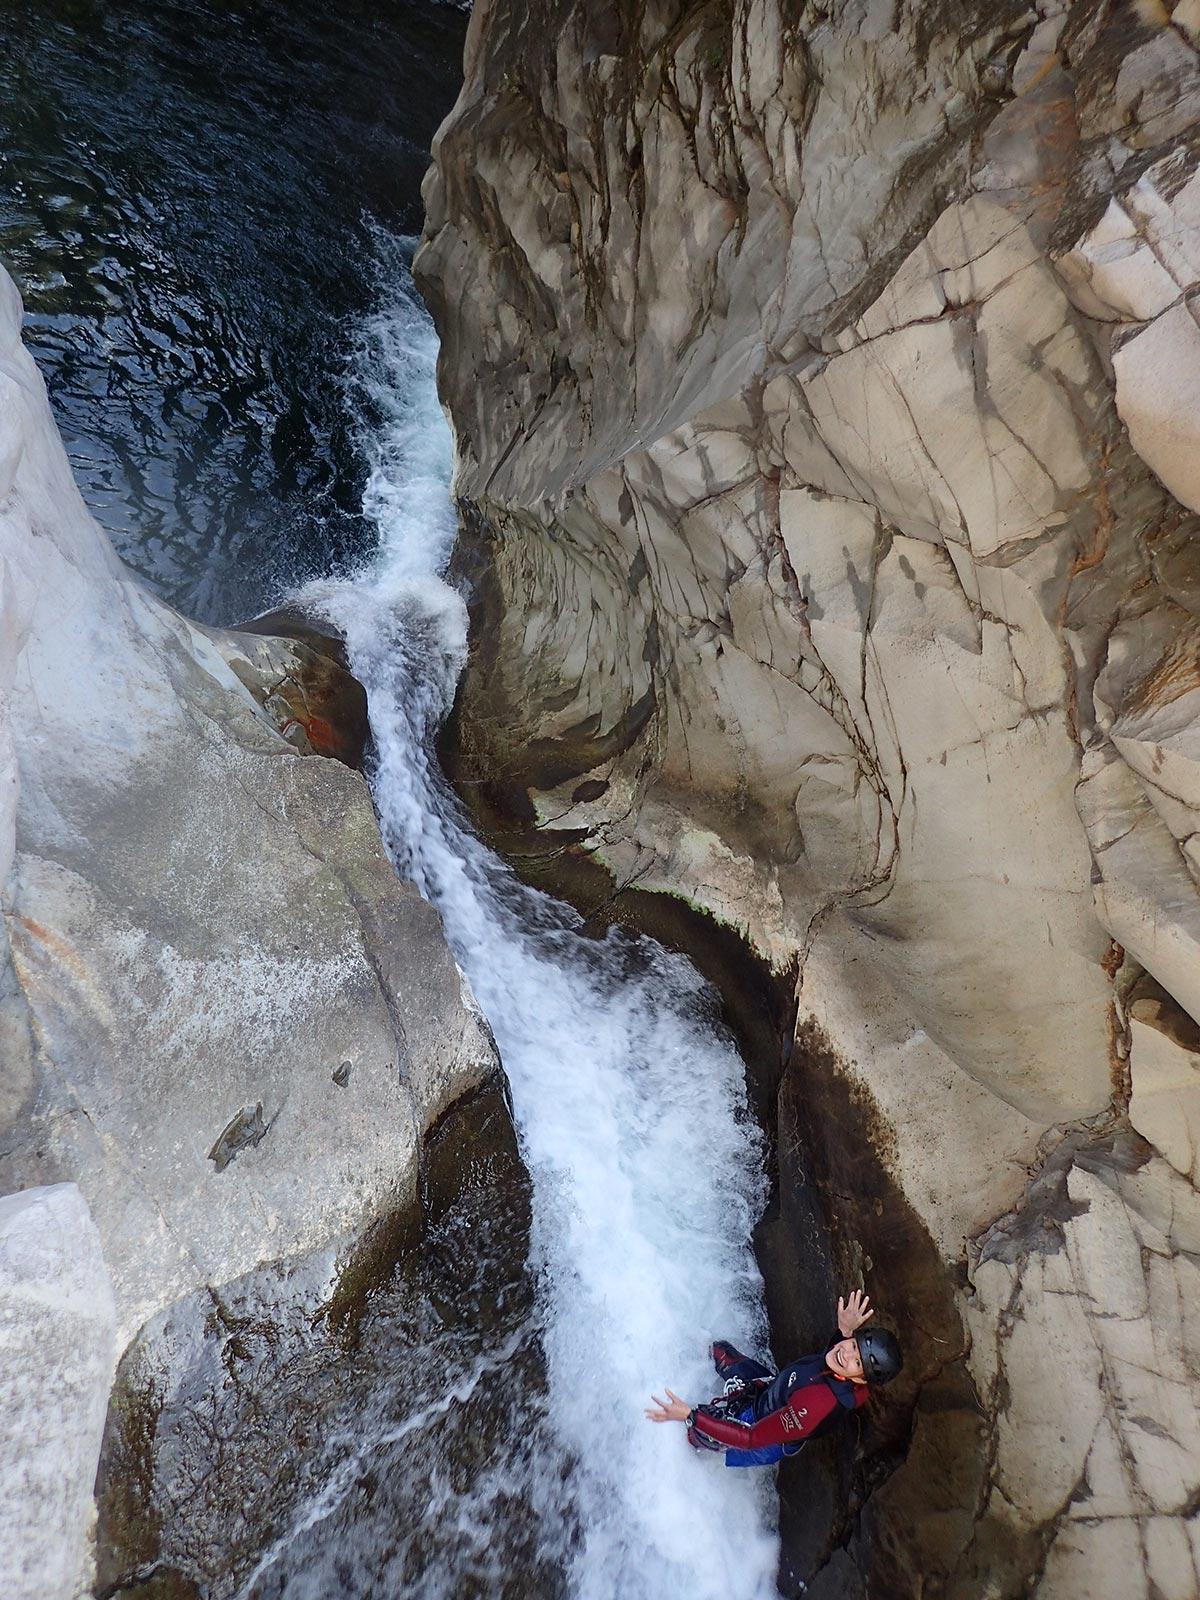 le canyon en grande ampleur. ici à la Réunion